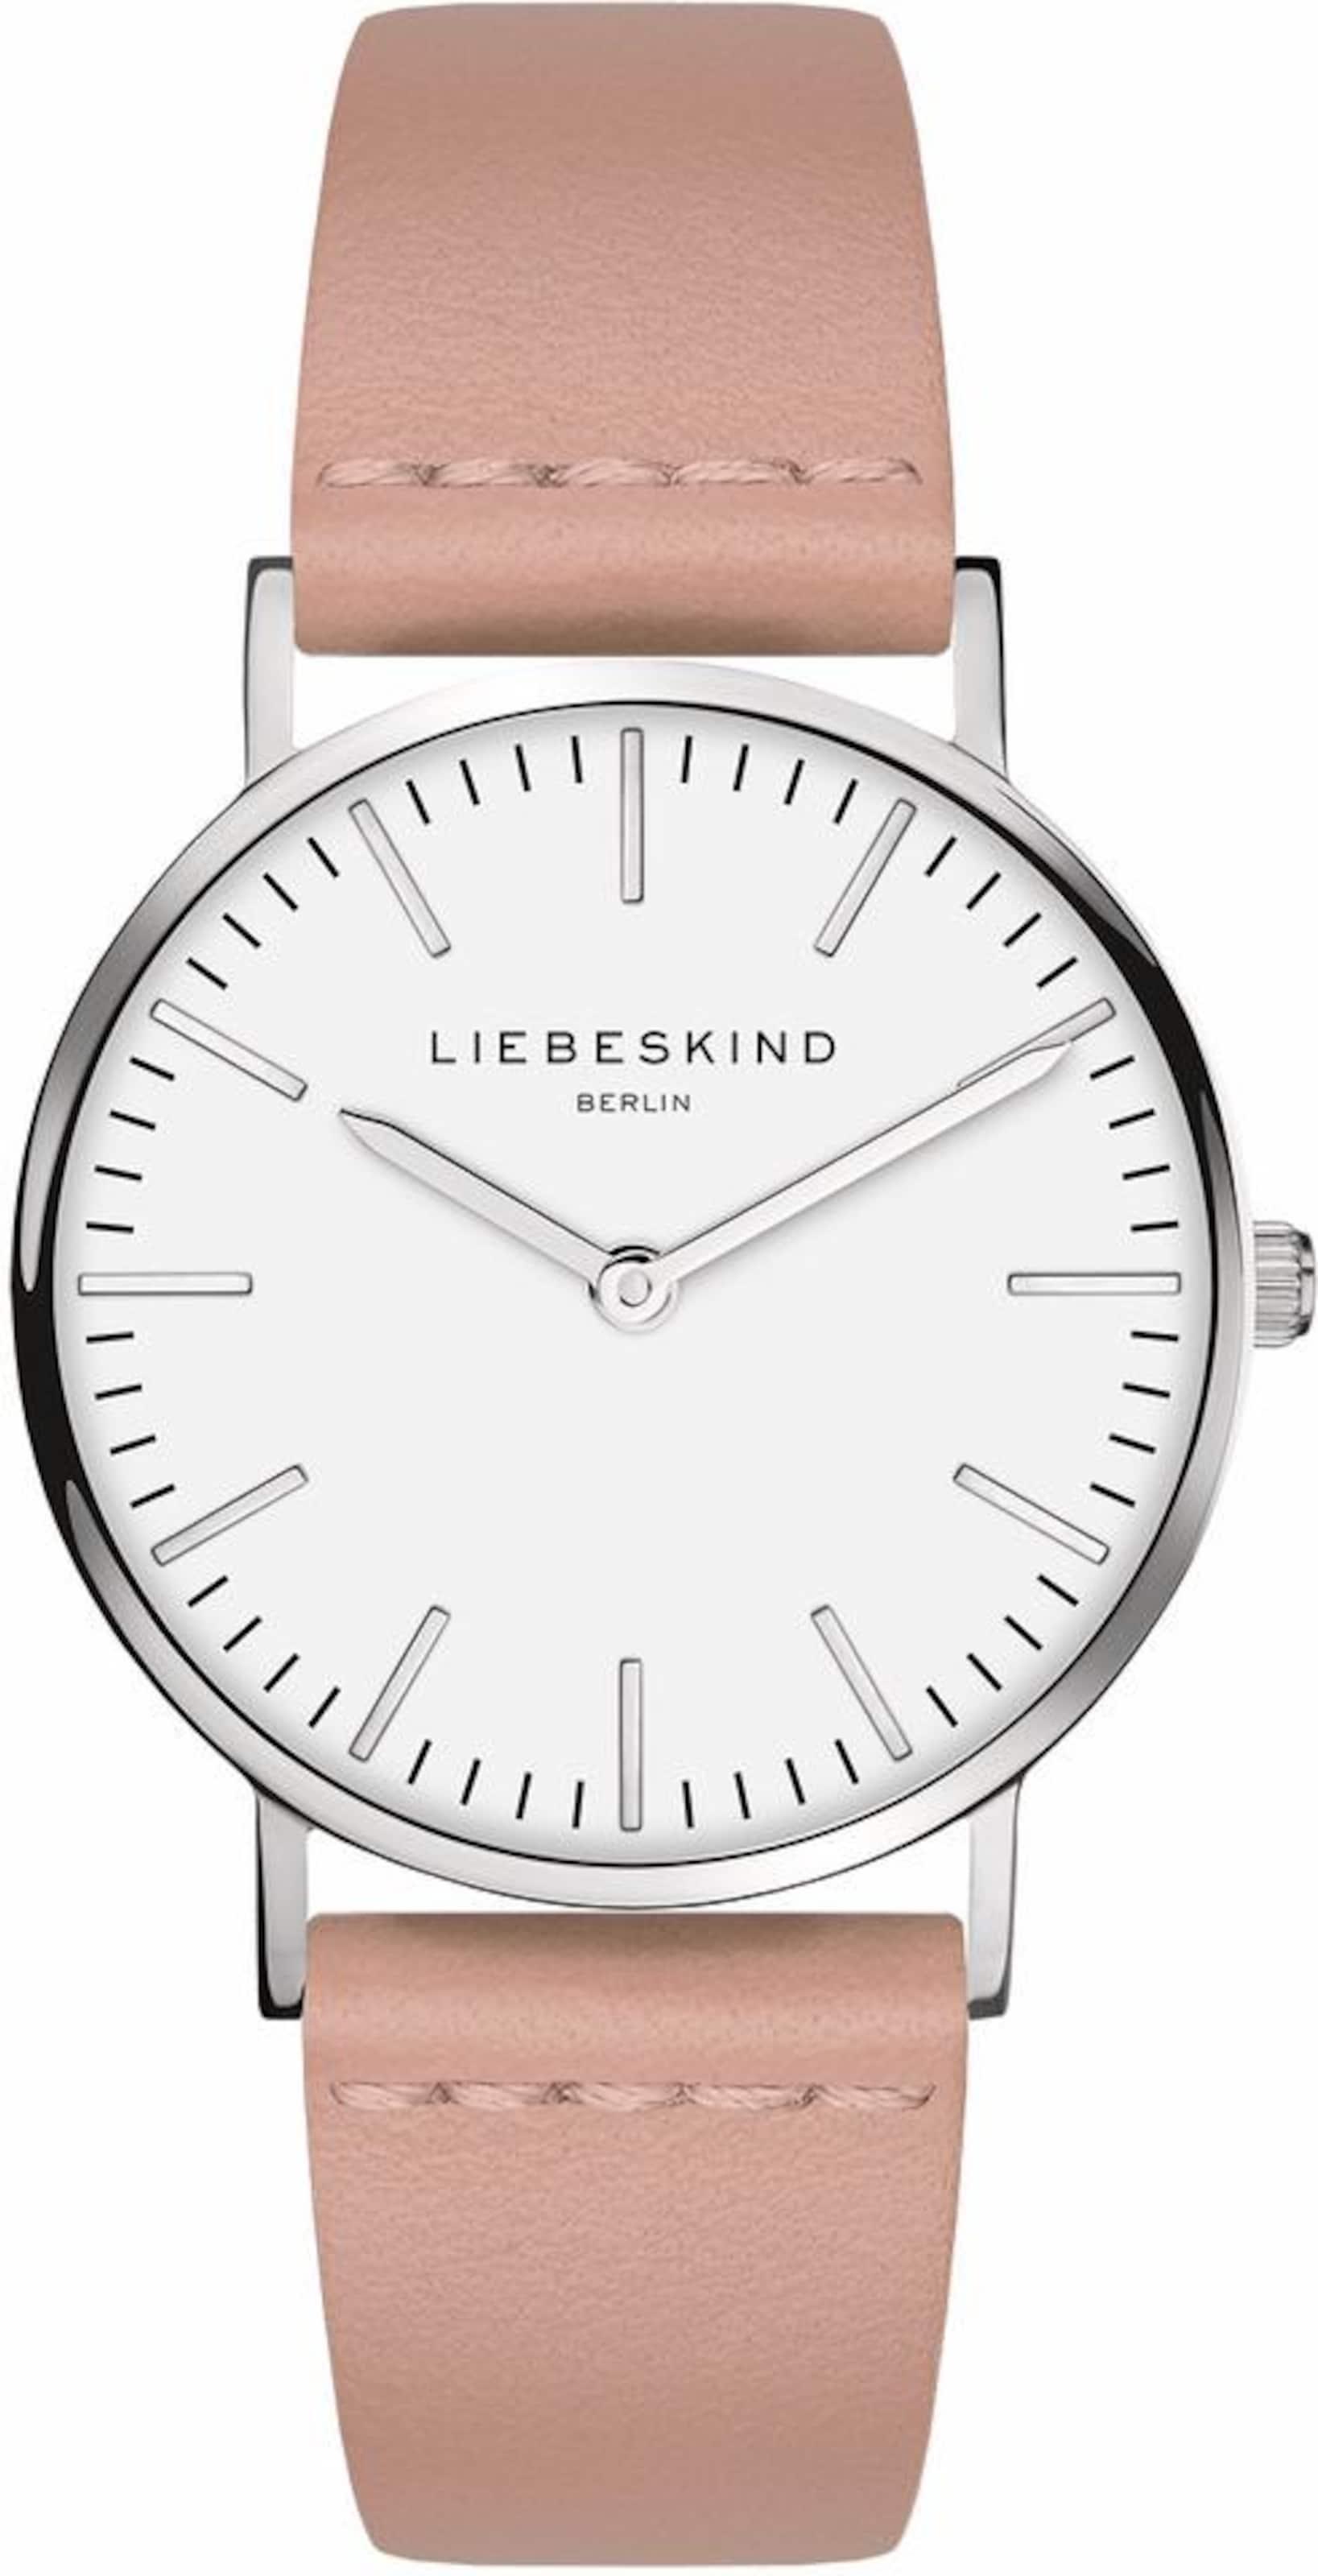 Liebeskind Berlin Quarzuhr 'LS-0008-LQB' (Set, 2 tlg.)